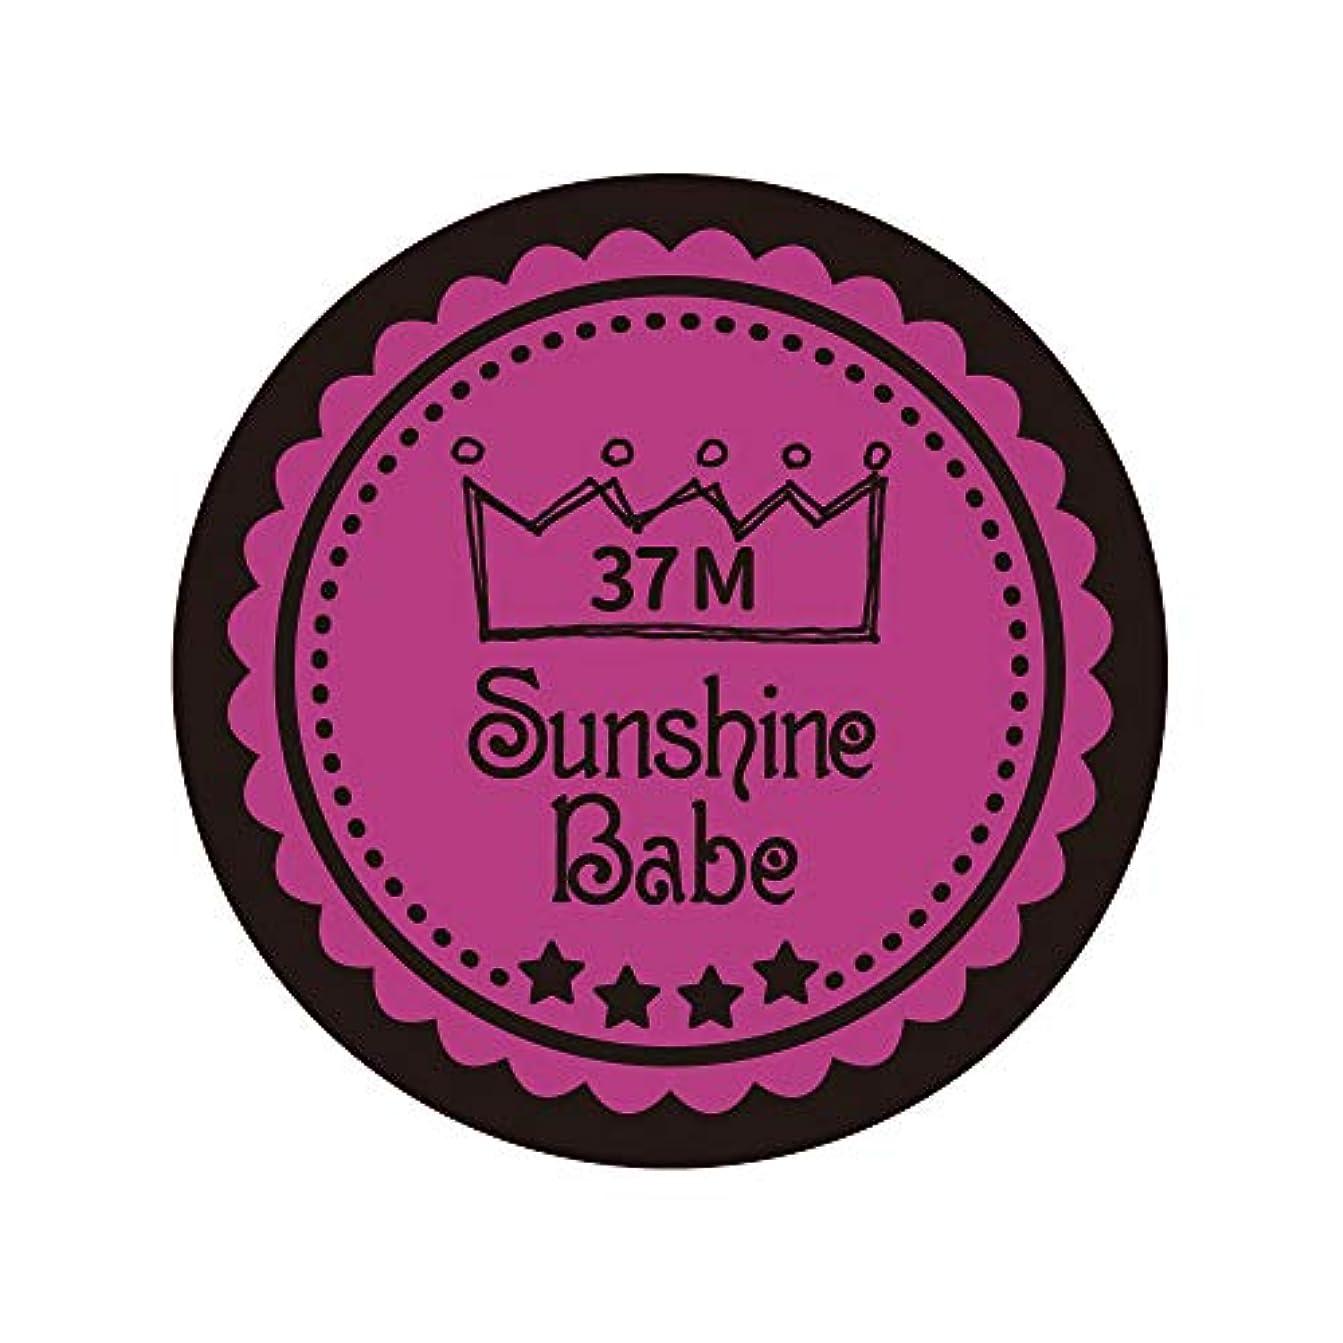 割り当て役に立たない着替えるSunshine Babe カラージェル 37M フューシャピンク 2.7g UV/LED対応